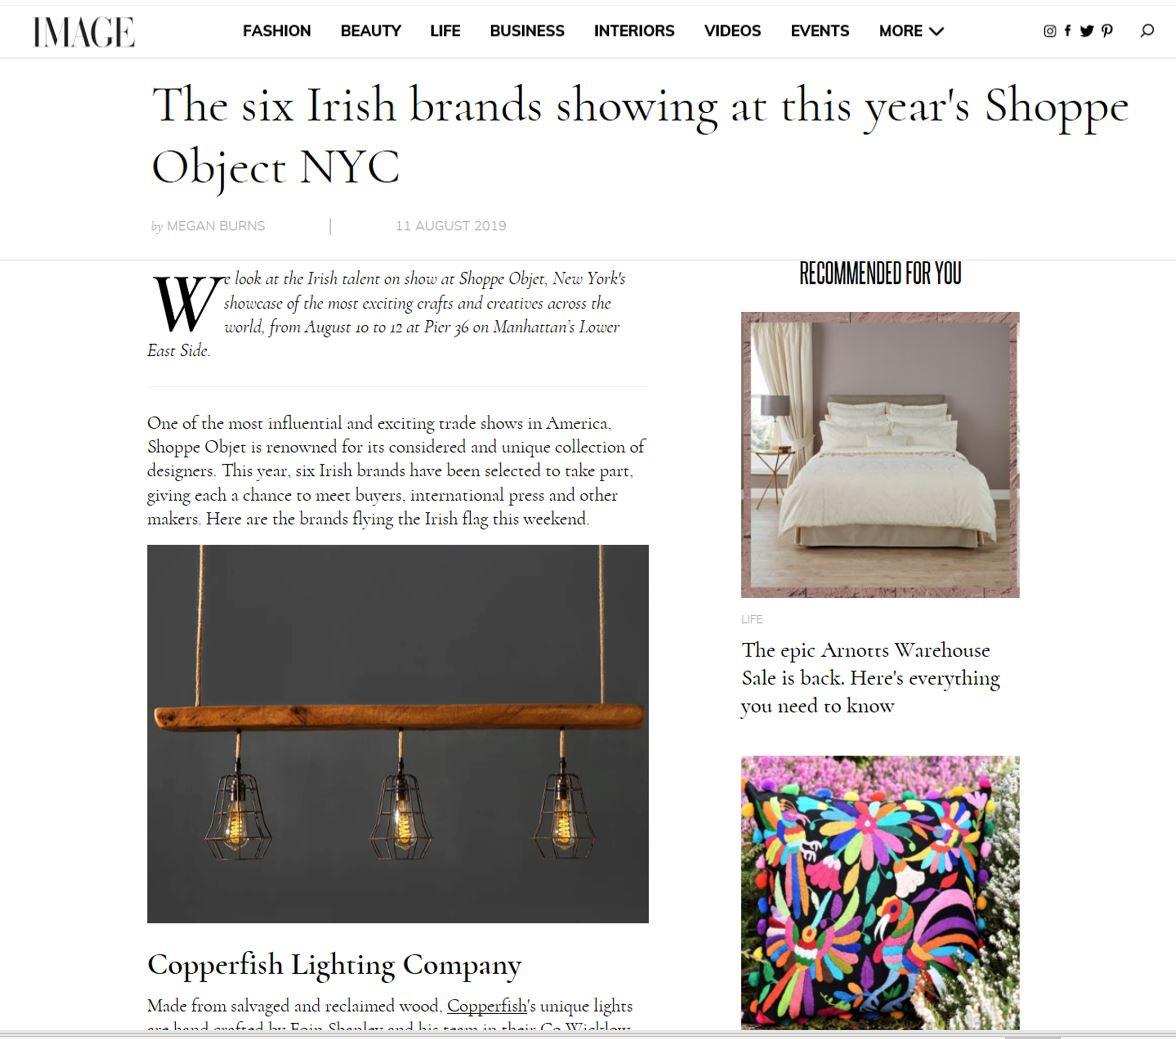 Image Magazine - Aug 2019